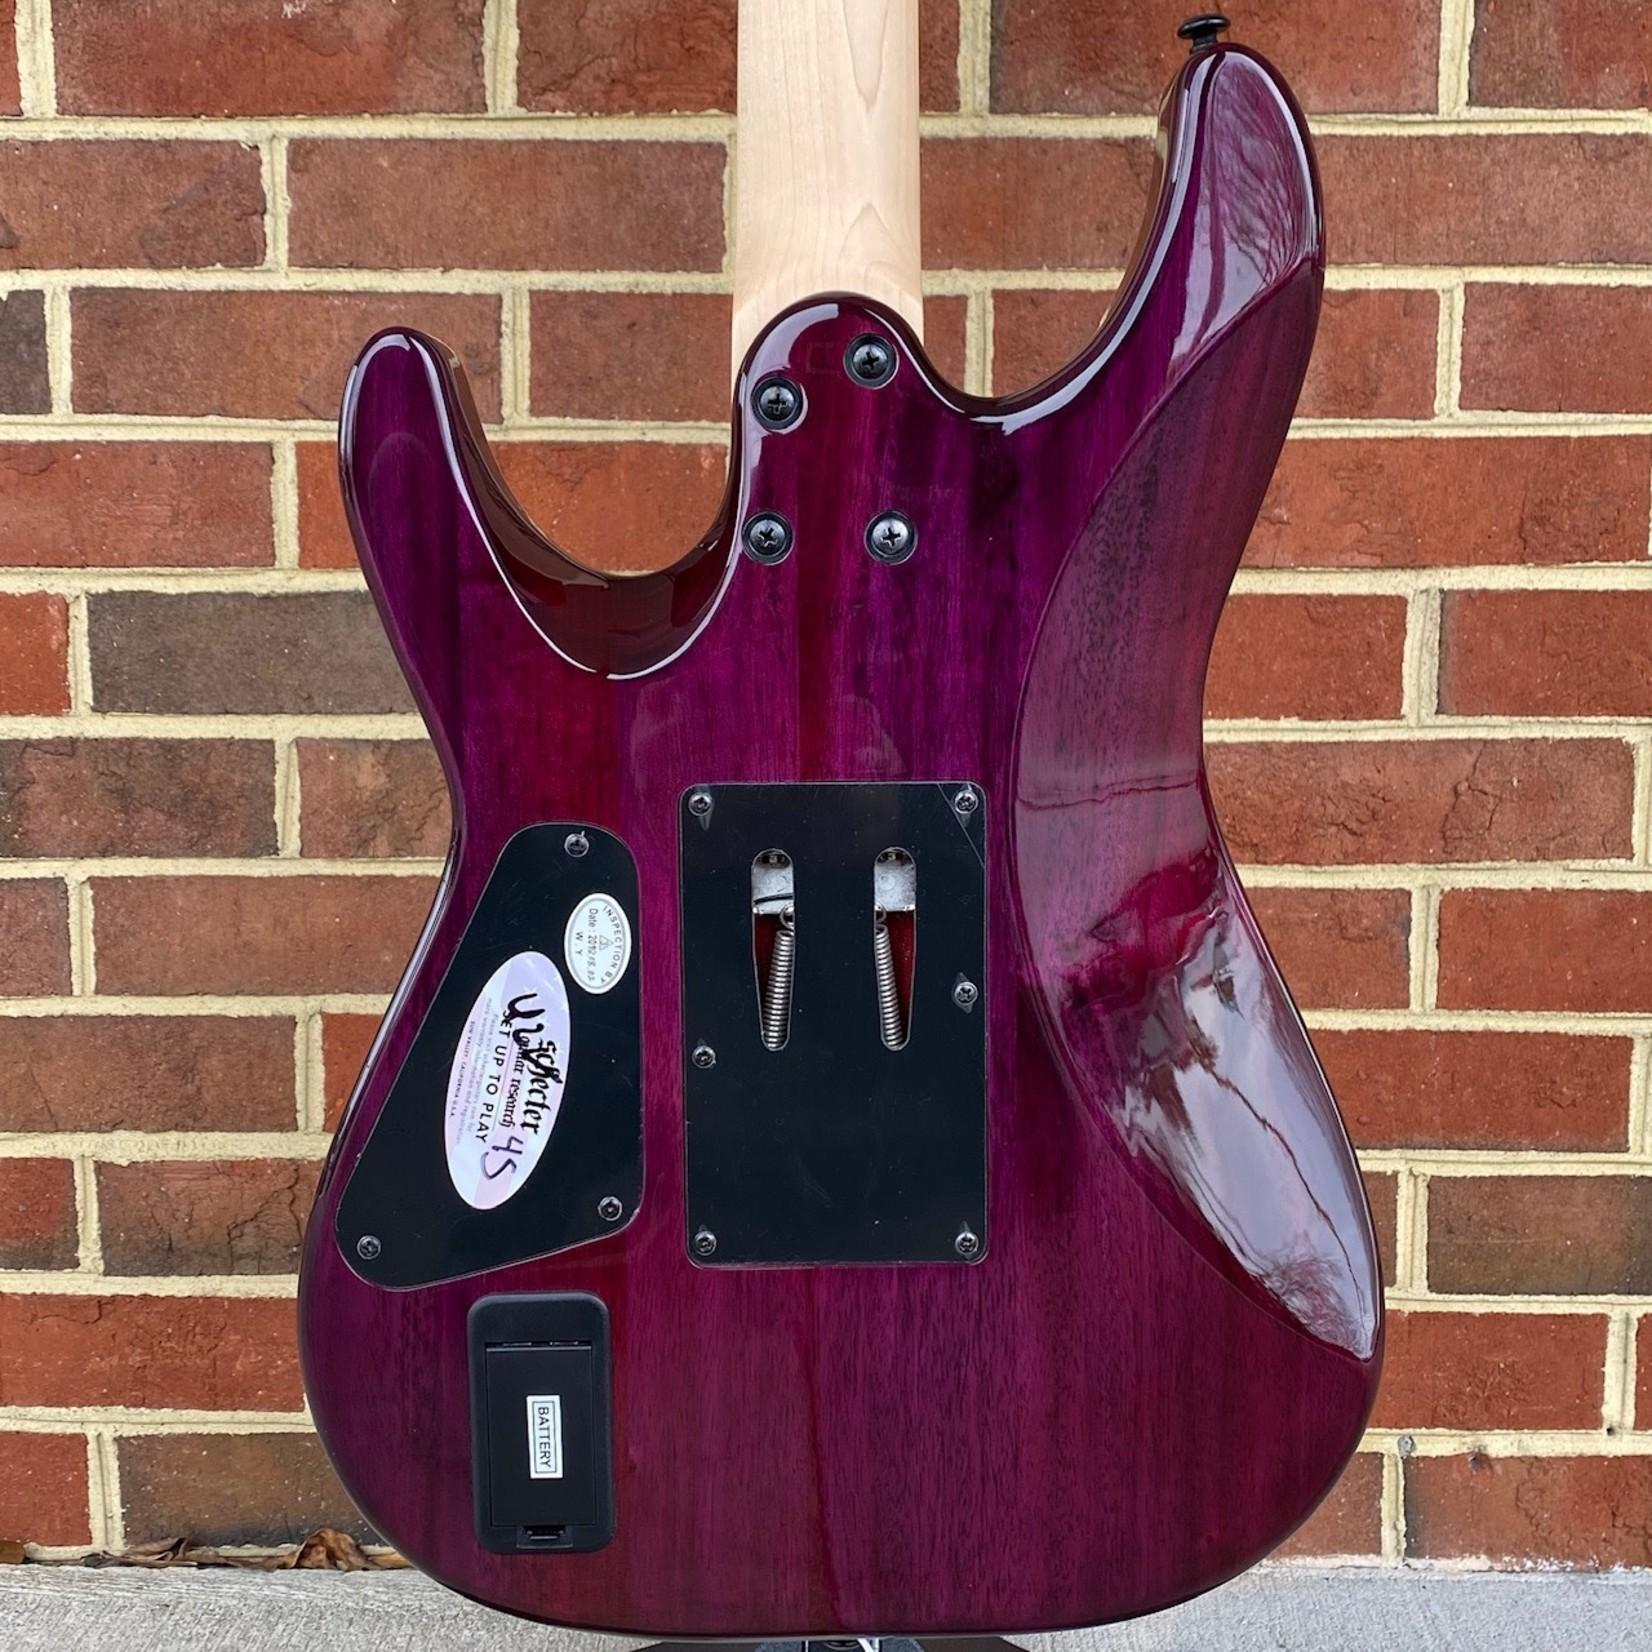 Schecter Guitar Research Schecter Sun Valley Super Shredder III, Aurora Burst, Quilted Maple Top, Floyd Rose, EMG Retro Active Pickups, Maple Fretboard, Maple Neck